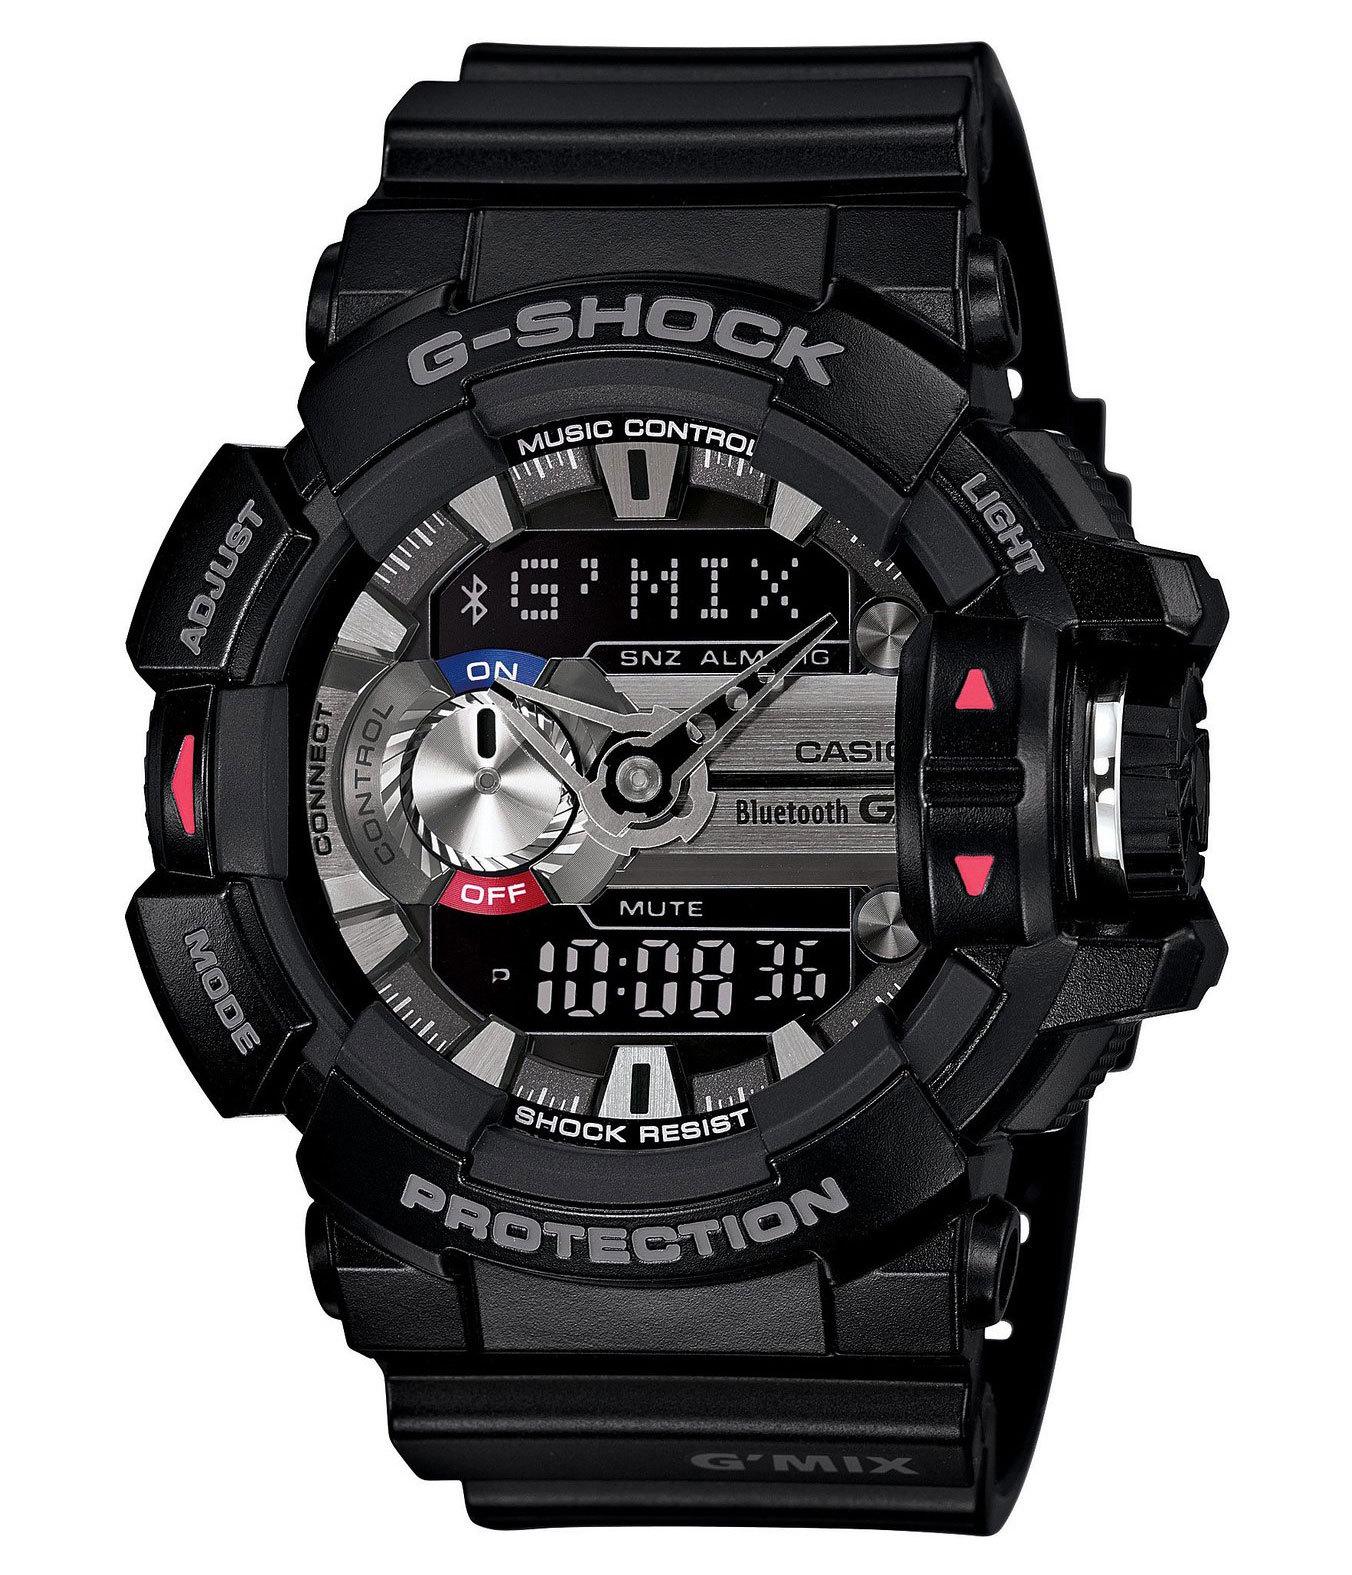 Casio G-SHOCK GBA-400-1A / GBA-400-1AER - мужские наручные часыCasio<br><br><br>Бренд: Casio<br>Модель: Casio GBA-400-1A<br>Артикул: GBA-400-1A<br>Вариант артикула: GBA-400-1AER<br>Коллекция: G-SHOCK<br>Подколлекция: None<br>Страна: Япония<br>Пол: мужские<br>Тип механизма: кварцевые<br>Механизм: None<br>Количество камней: None<br>Автоподзавод: None<br>Источник энергии: от батарейки<br>Срок службы элемента питания: None<br>Дисплей: стрелки + цифры<br>Цифры: отсутствуют<br>Водозащита: WR 200<br>Противоударные: есть<br>Материал корпуса: пластик<br>Материал браслета: пластик<br>Материал безеля: None<br>Стекло: минеральное<br>Антибликовое покрытие: None<br>Цвет корпуса: None<br>Цвет браслета: None<br>Цвет циферблата: None<br>Цвет безеля: None<br>Размеры: 51.9x55x18.3 мм<br>Диаметр: None<br>Диаметр корпуса: None<br>Толщина: None<br>Ширина ремешка: None<br>Вес: 66 г<br>Спорт-функции: секундомер, таймер обратного отсчета<br>Подсветка: дисплея<br>Вставка: None<br>Отображение даты: вечный календарь, число, месяц, день недели<br>Хронограф: None<br>Таймер: None<br>Термометр: None<br>Хронометр: None<br>GPS: None<br>Радиосинхронизация: None<br>Барометр: None<br>Скелетон: None<br>Дополнительная информация: защита от магнитных полей, ежечасный сигнал, повтор сигнала будильника, автоподсветка, функция включения/отключения звука кнопок, авиарежим, функция Flash alert, bluetooth 4.0, элемент питания SR927W ? 2, срок службы батарейки 3 года<br>Дополнительные функции: индикатор запаса хода, второй часовой пояс, будильник (количество установок: 5)